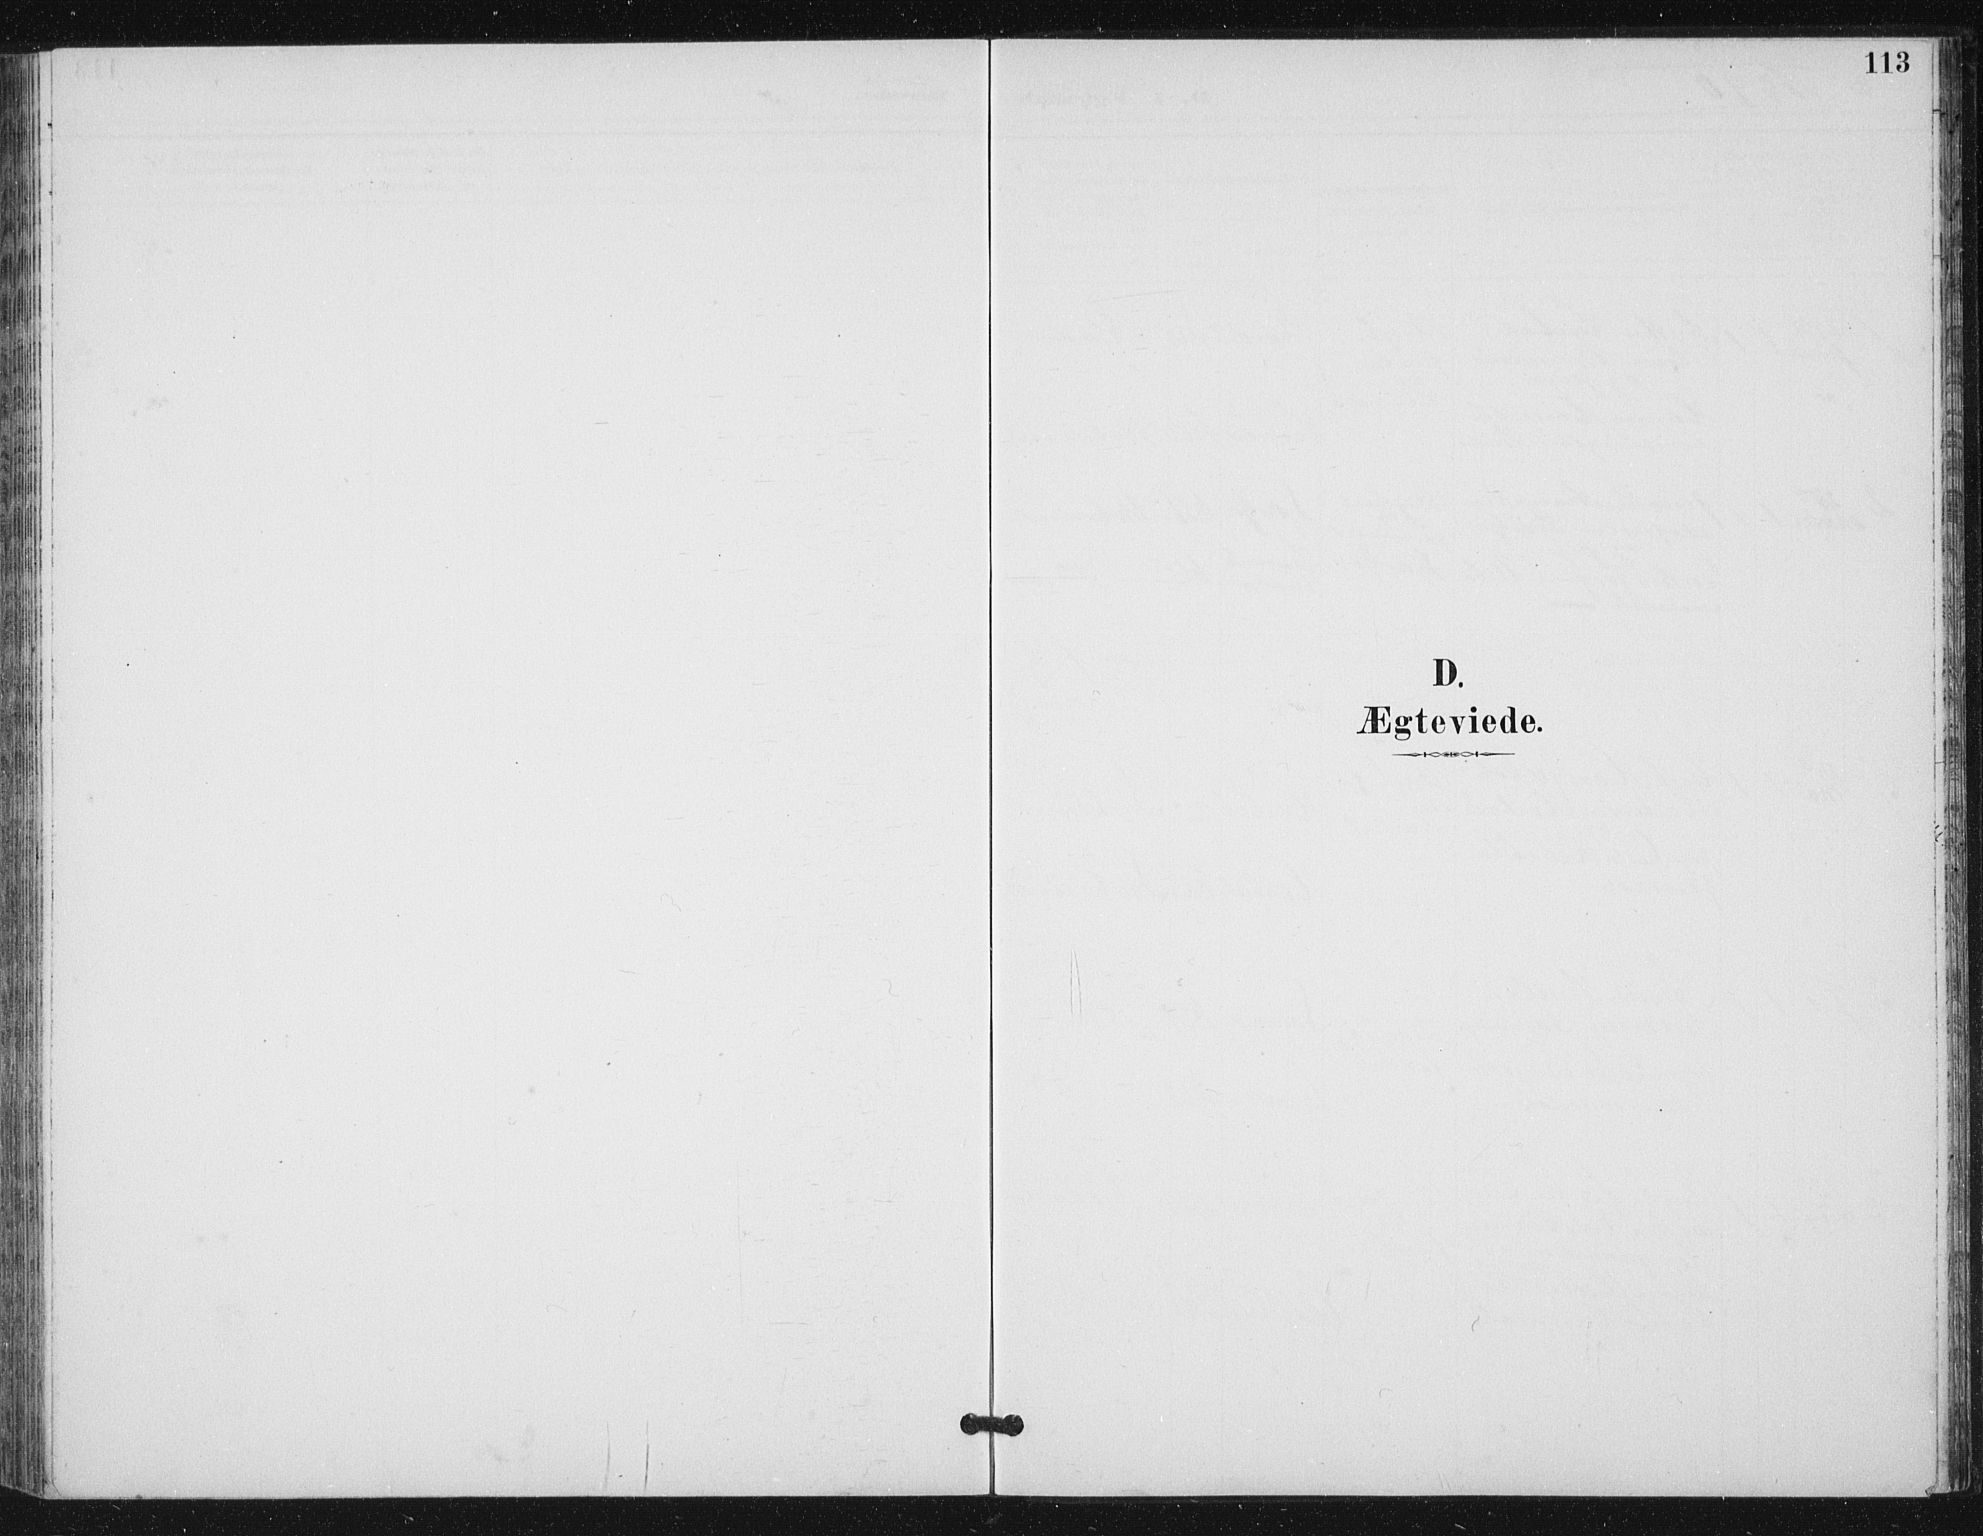 SAT, Ministerialprotokoller, klokkerbøker og fødselsregistre - Sør-Trøndelag, 656/L0698: Klokkerbok nr. 656C04, 1890-1904, s. 113